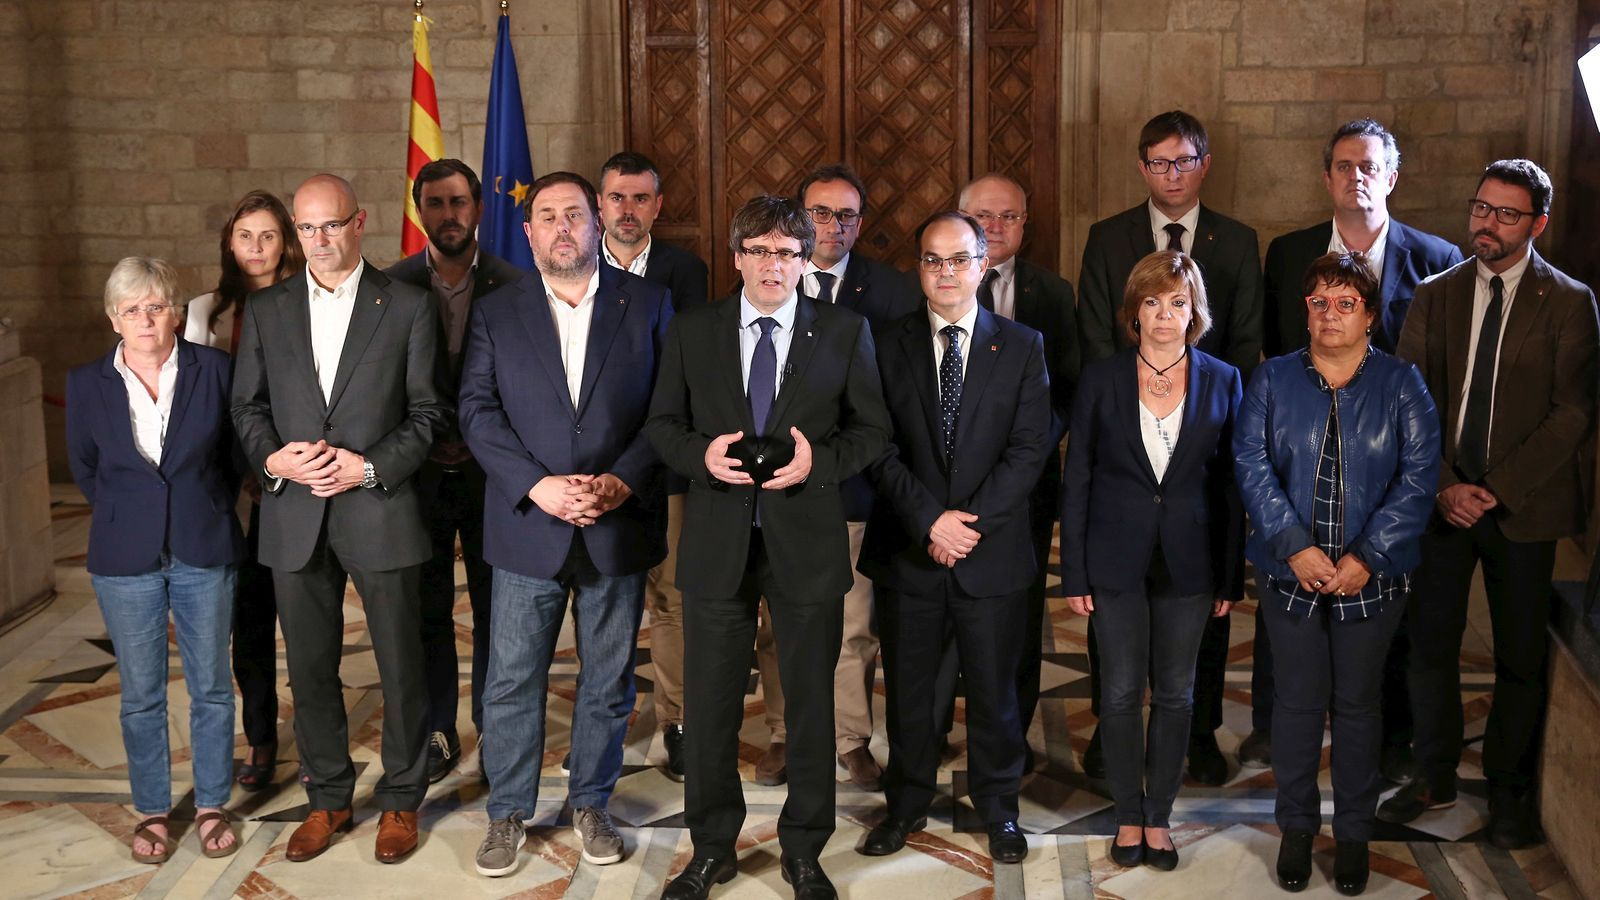 GOVERN | President Puigdemont: ''El Govern mantendrá viva la llama de la República catalana'' Govern-declaracio-institucional-Carles-Puigdemont_1879622583_47493513_651x366